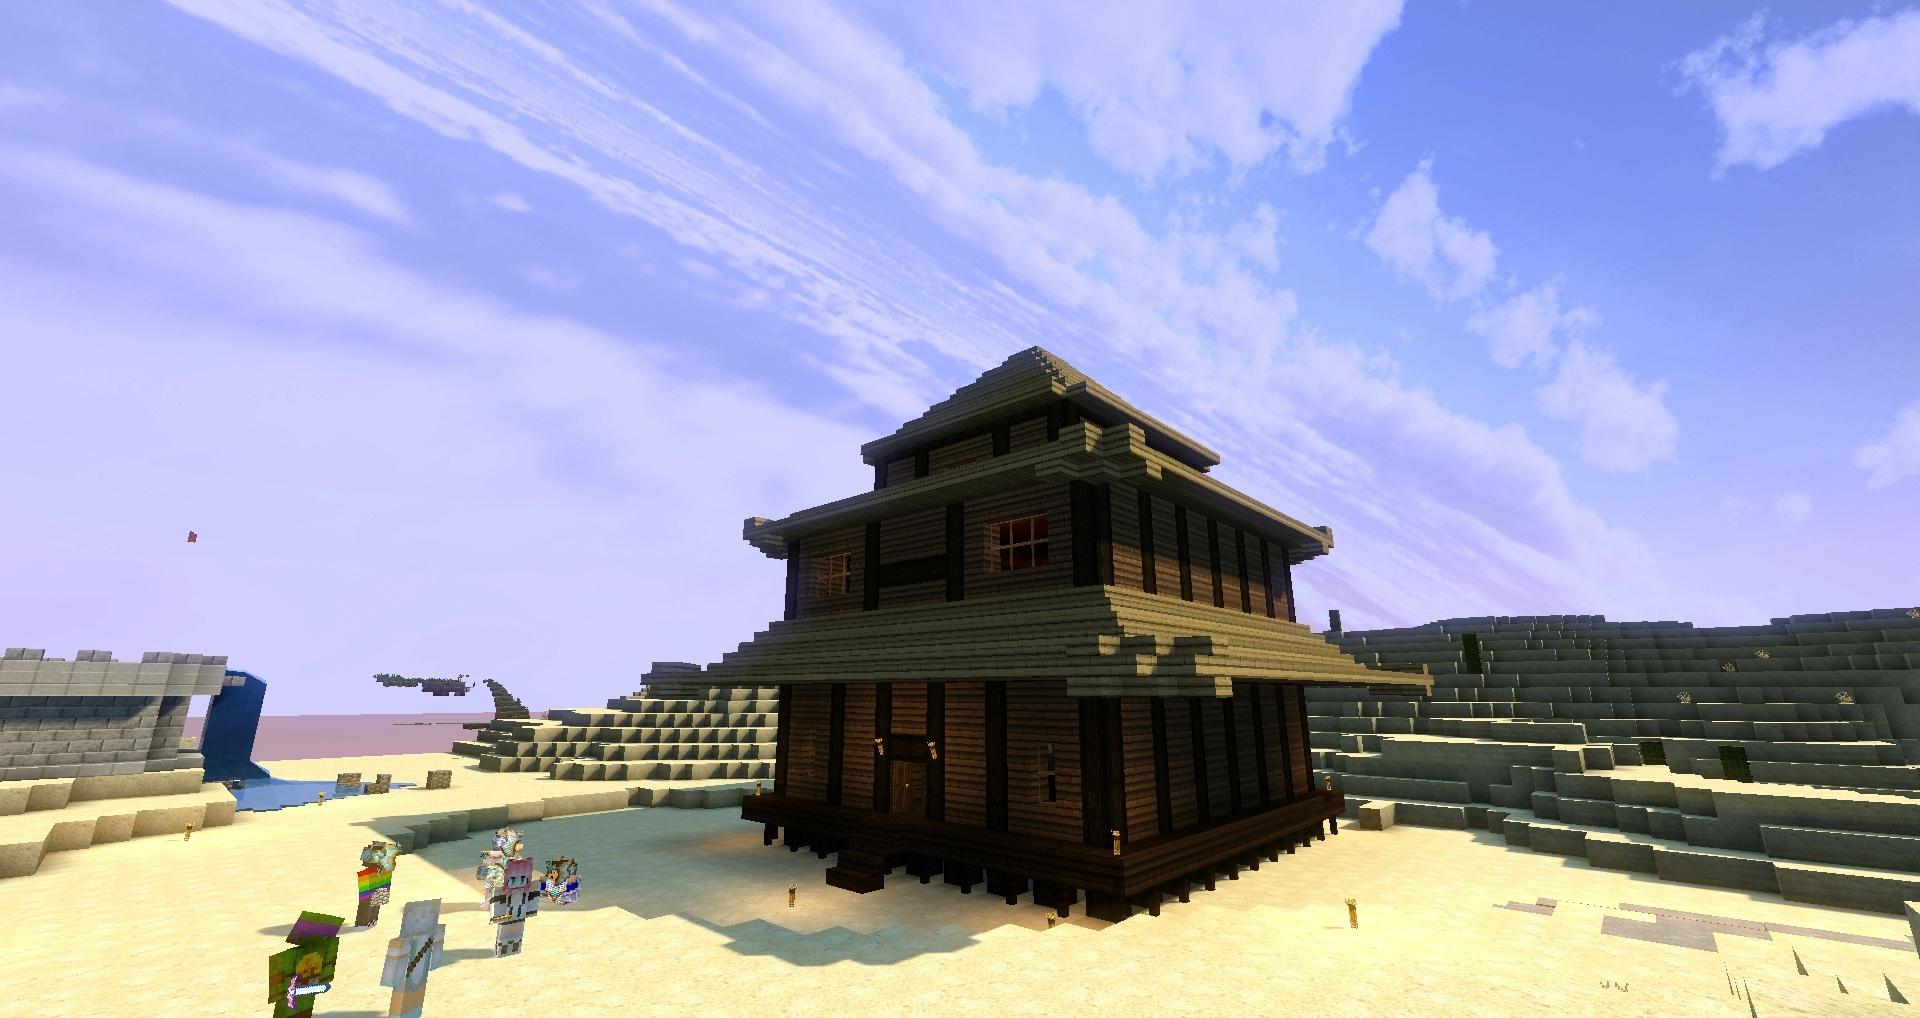 Quoi de plus ? Bah la même maison vue d'un autre angle ! xD